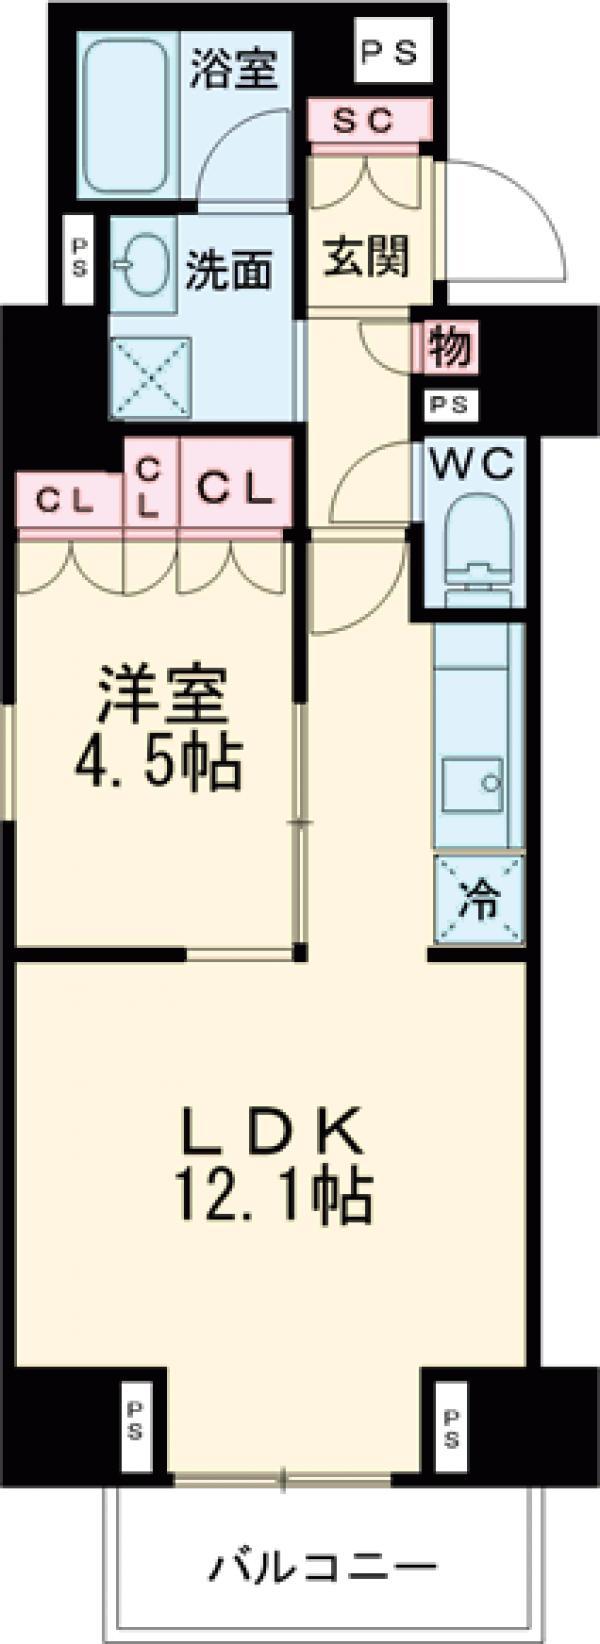 プラウドフラット西早稲田・1001号室の間取り